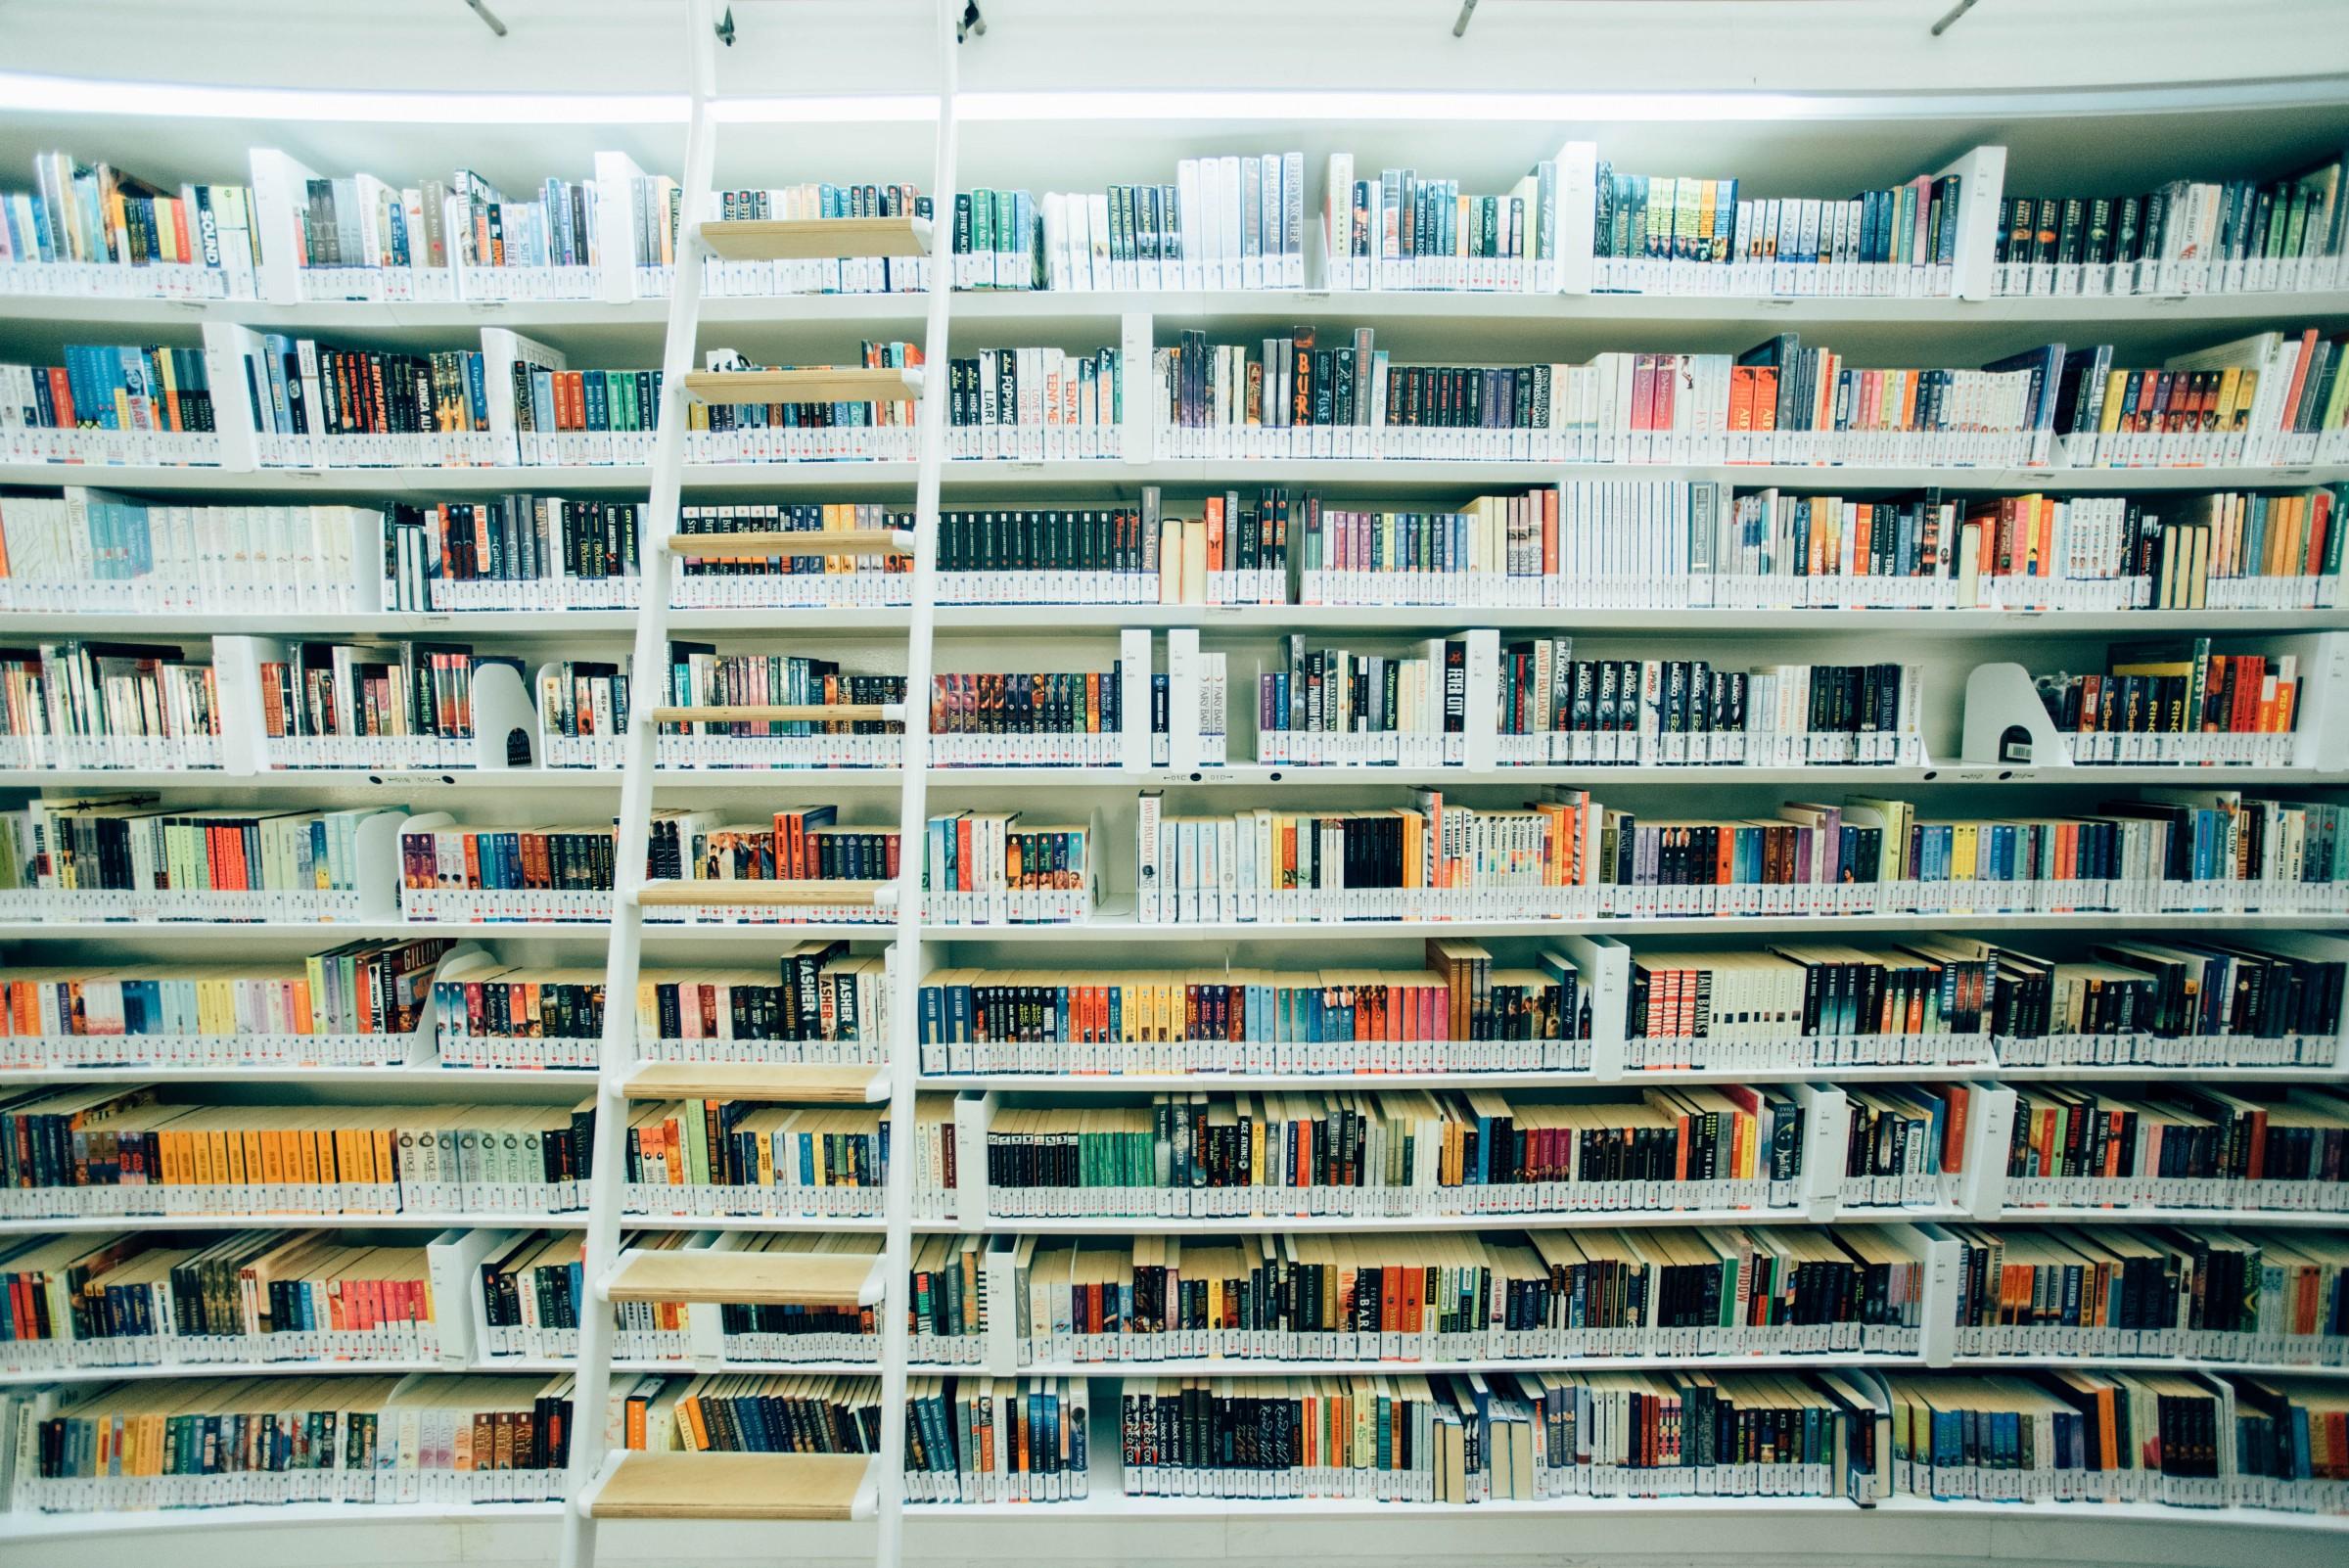 تصور کنید - کتابها استیت های مختلف اپ هستند که درون یک کتابخانه مدیریت استیت، مدیریت شده اند